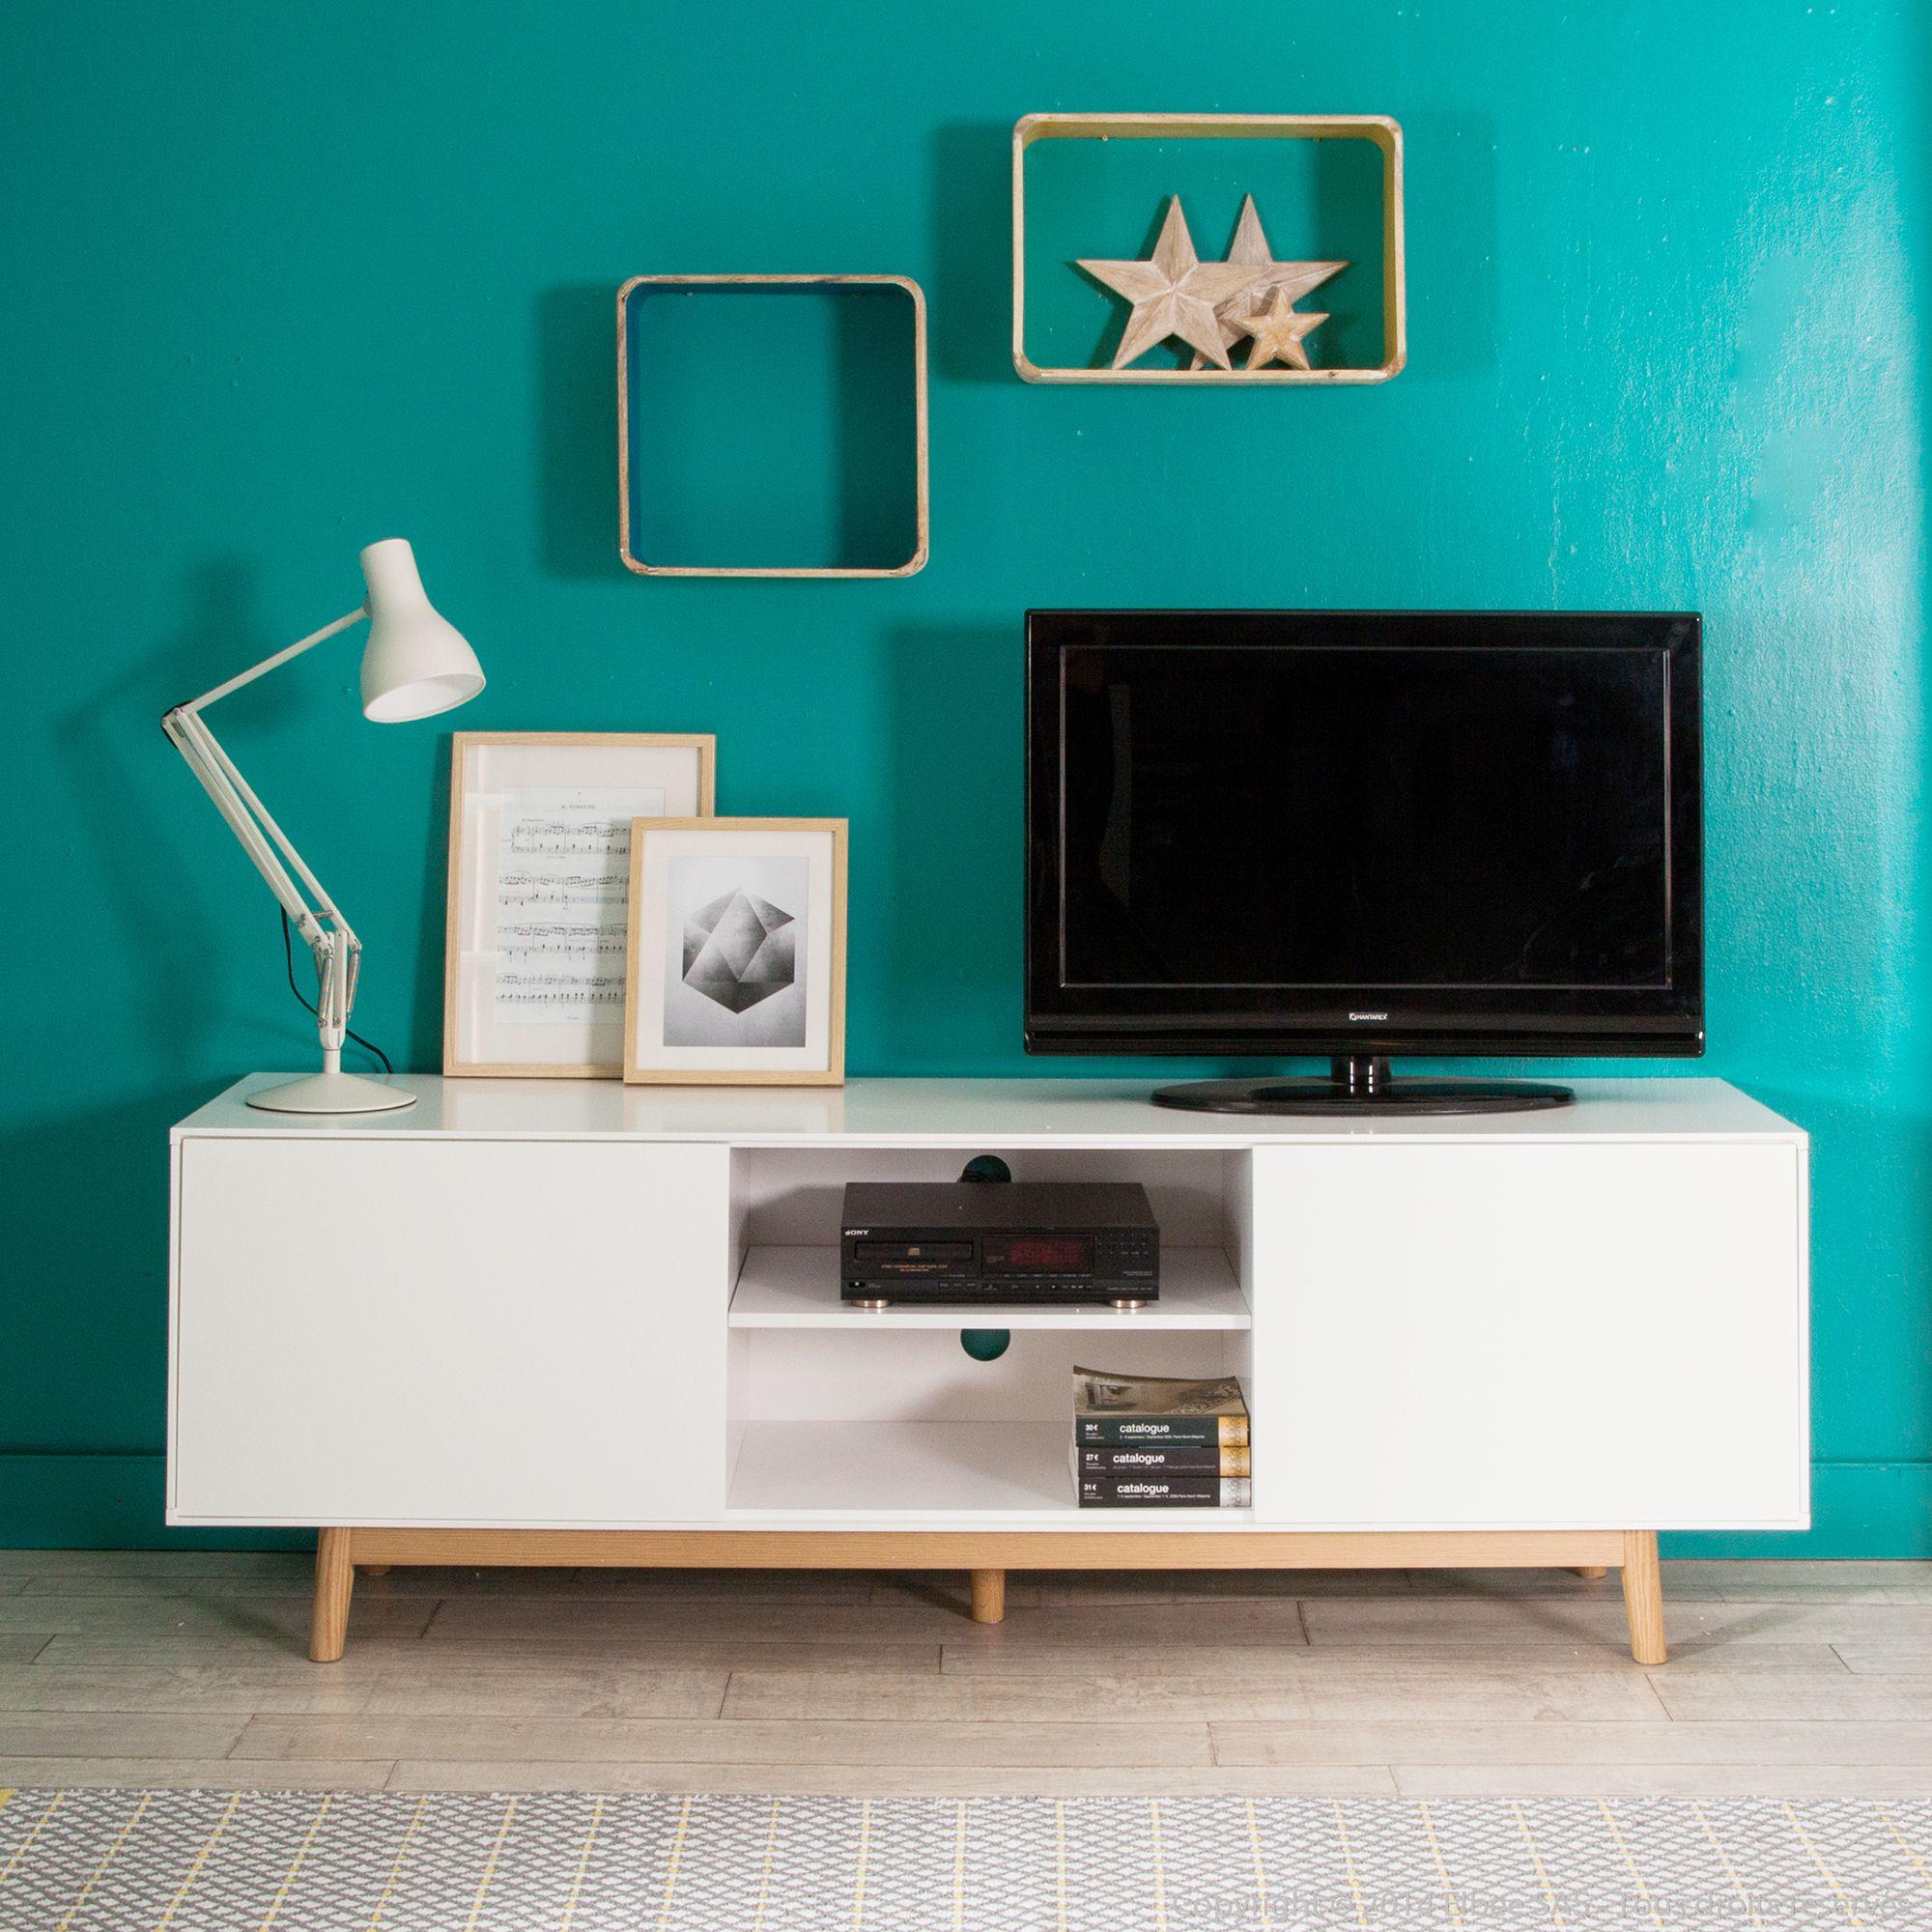 Meuble Tv 2 Portes 2 Niches En Bois Laqu Blanc Pieds Ch Ne L180cm  # Meuble Tv Vero Scandinave